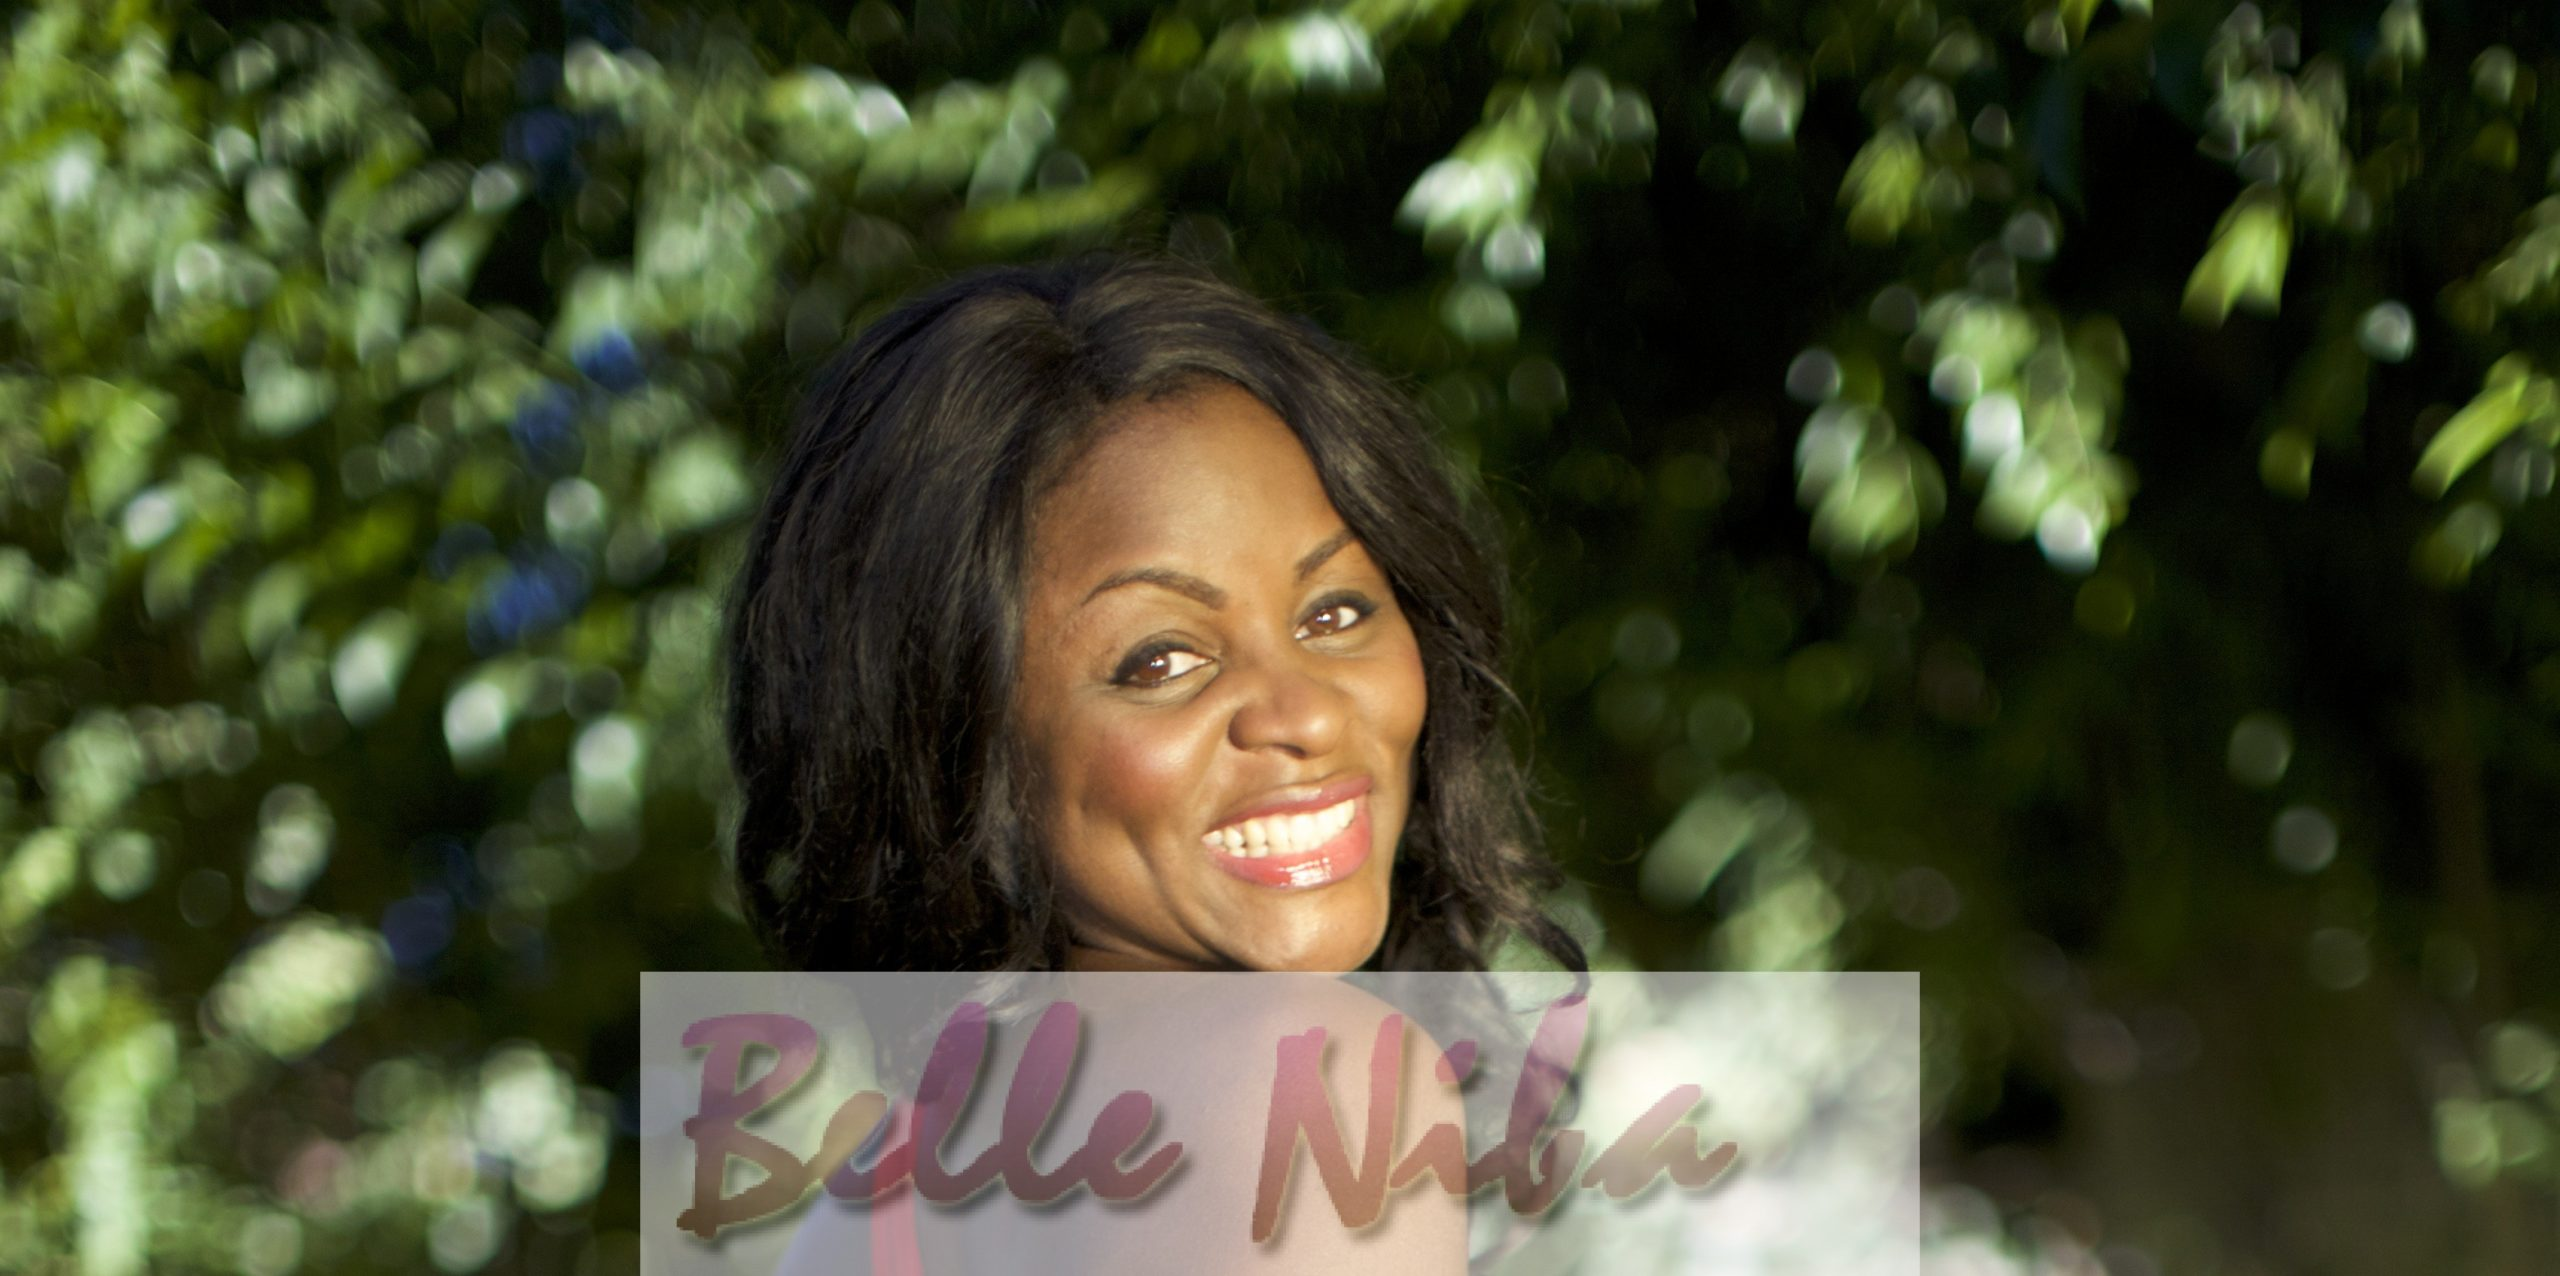 Belle Niba